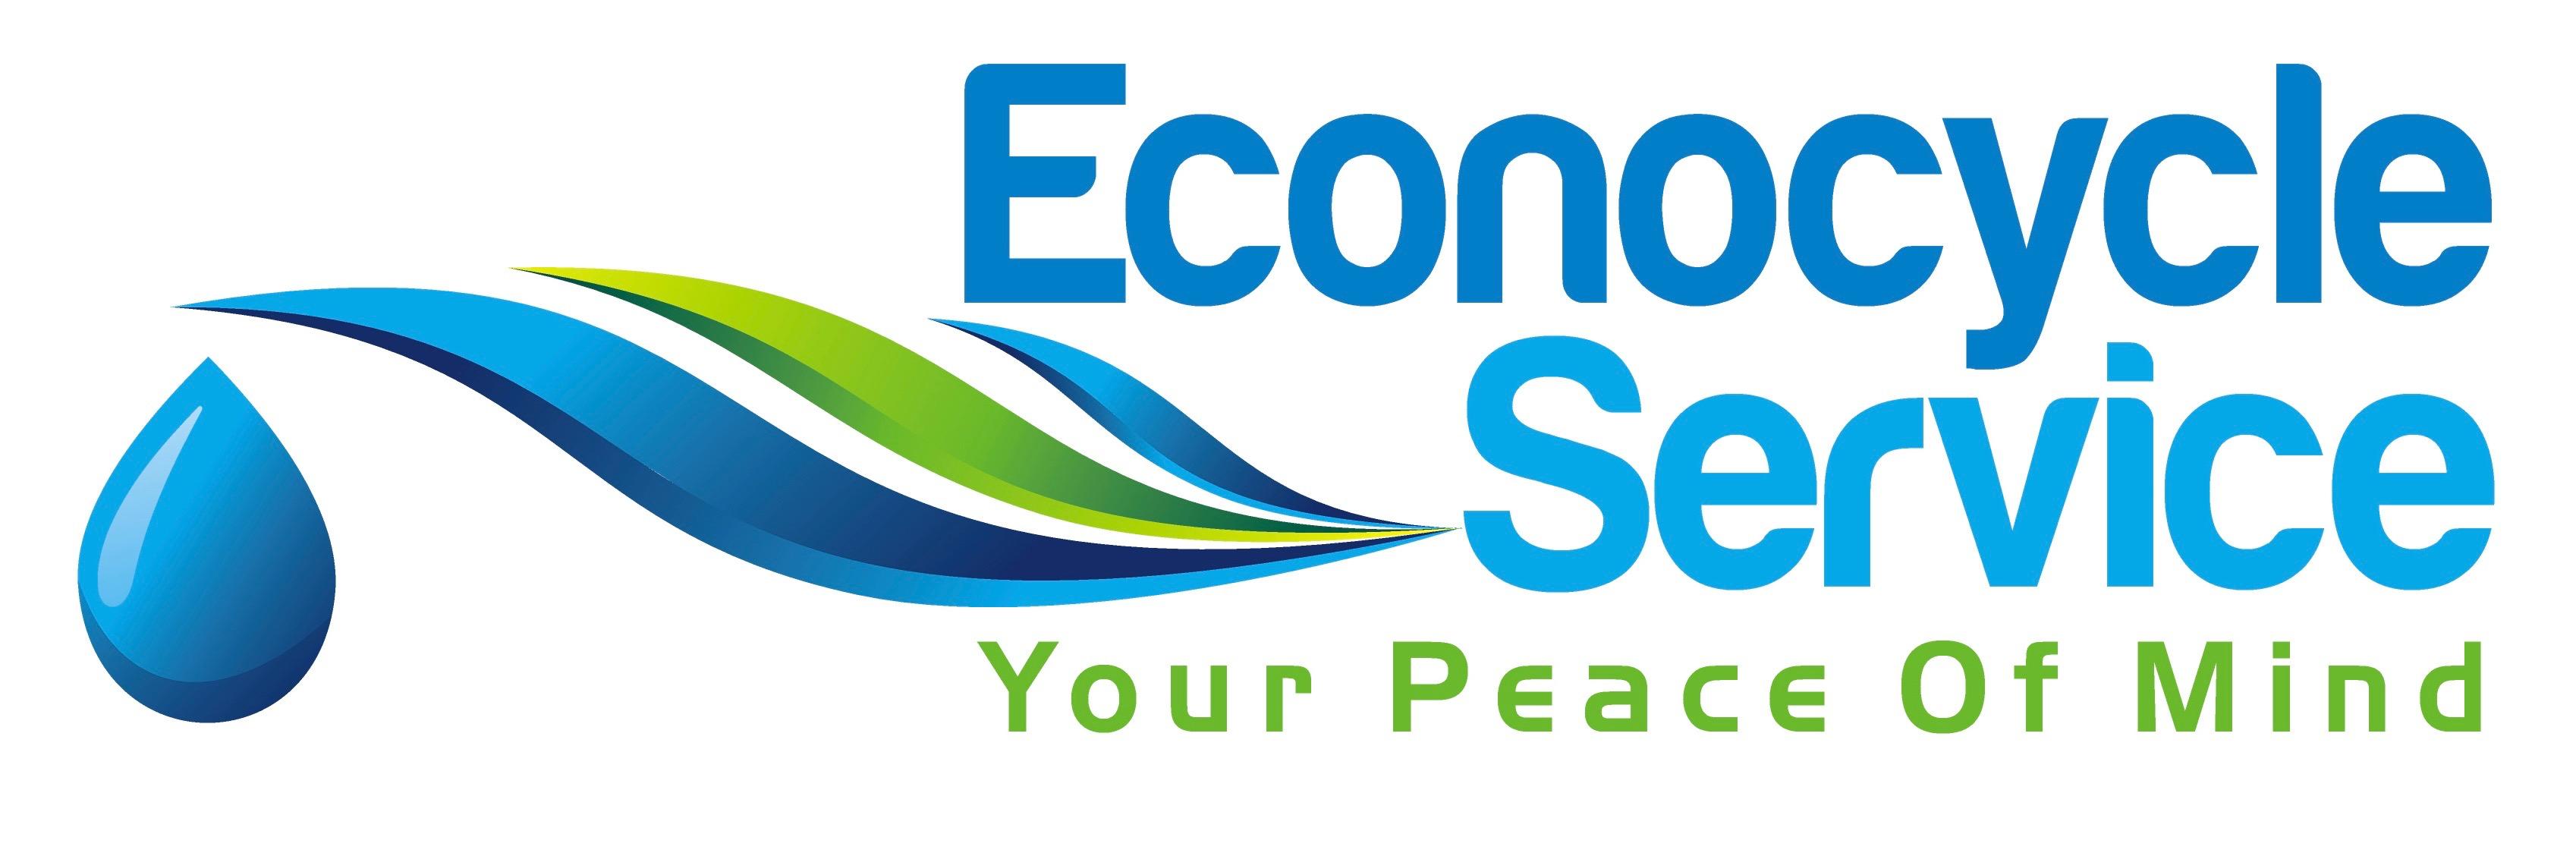 Econo Cycle Service